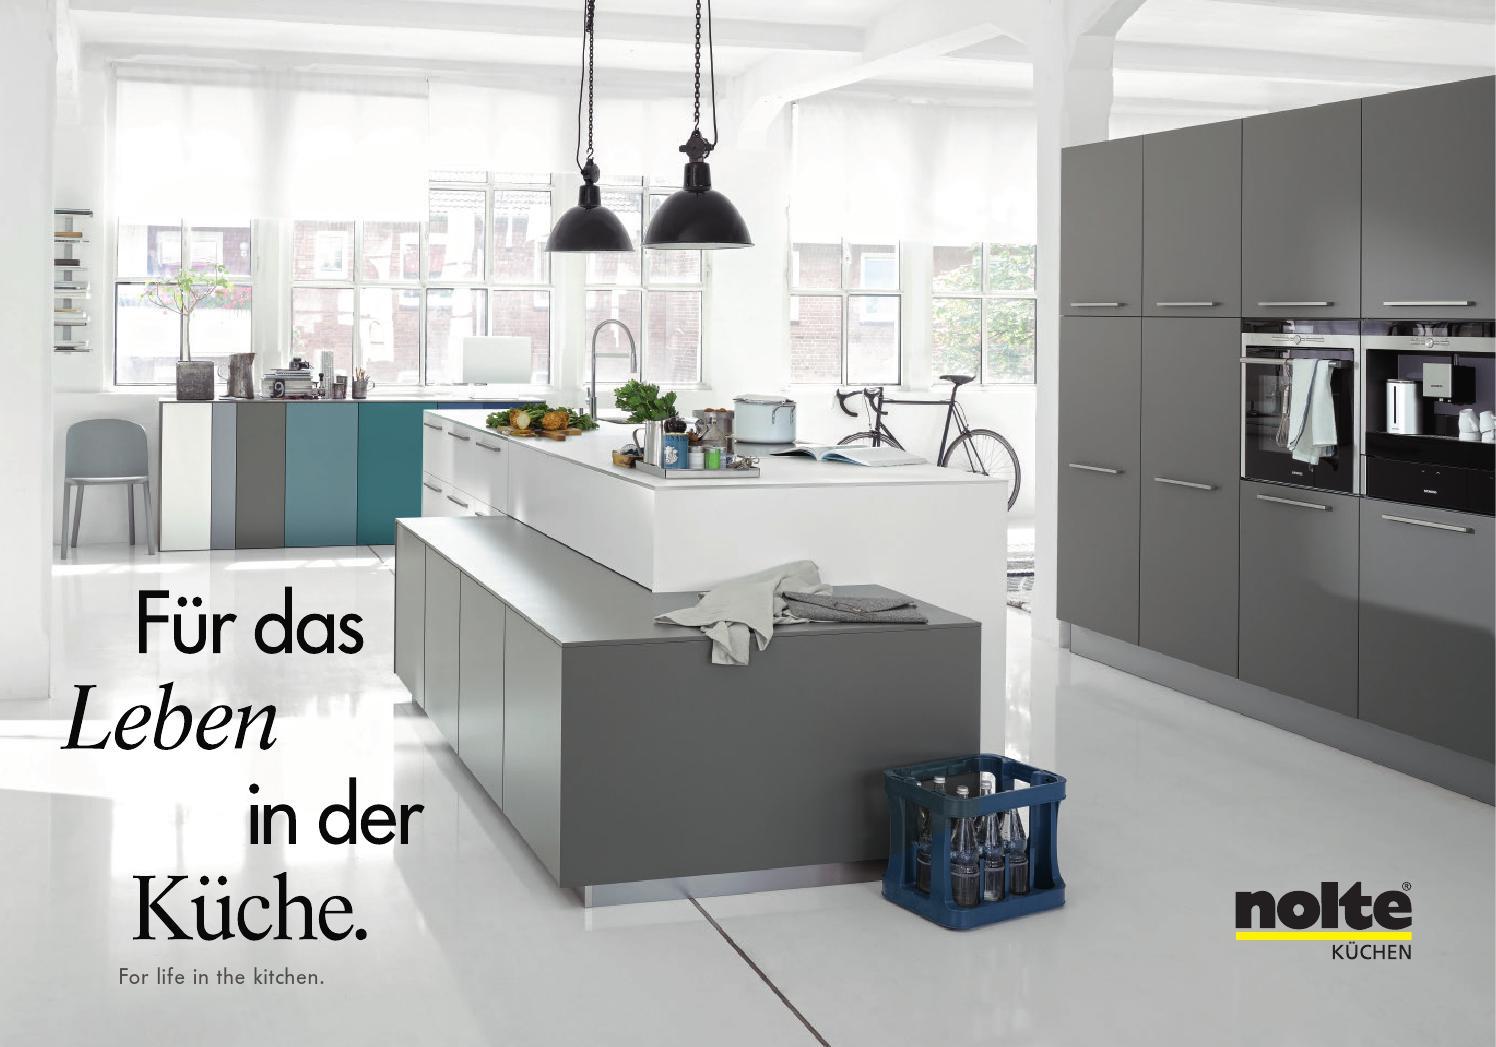 Full Size of Nolte Apothekerschrank Kuechen Katalog 2015 By Perspektive Werbeagentur Küche Schlafzimmer Betten Wohnzimmer Nolte Apothekerschrank